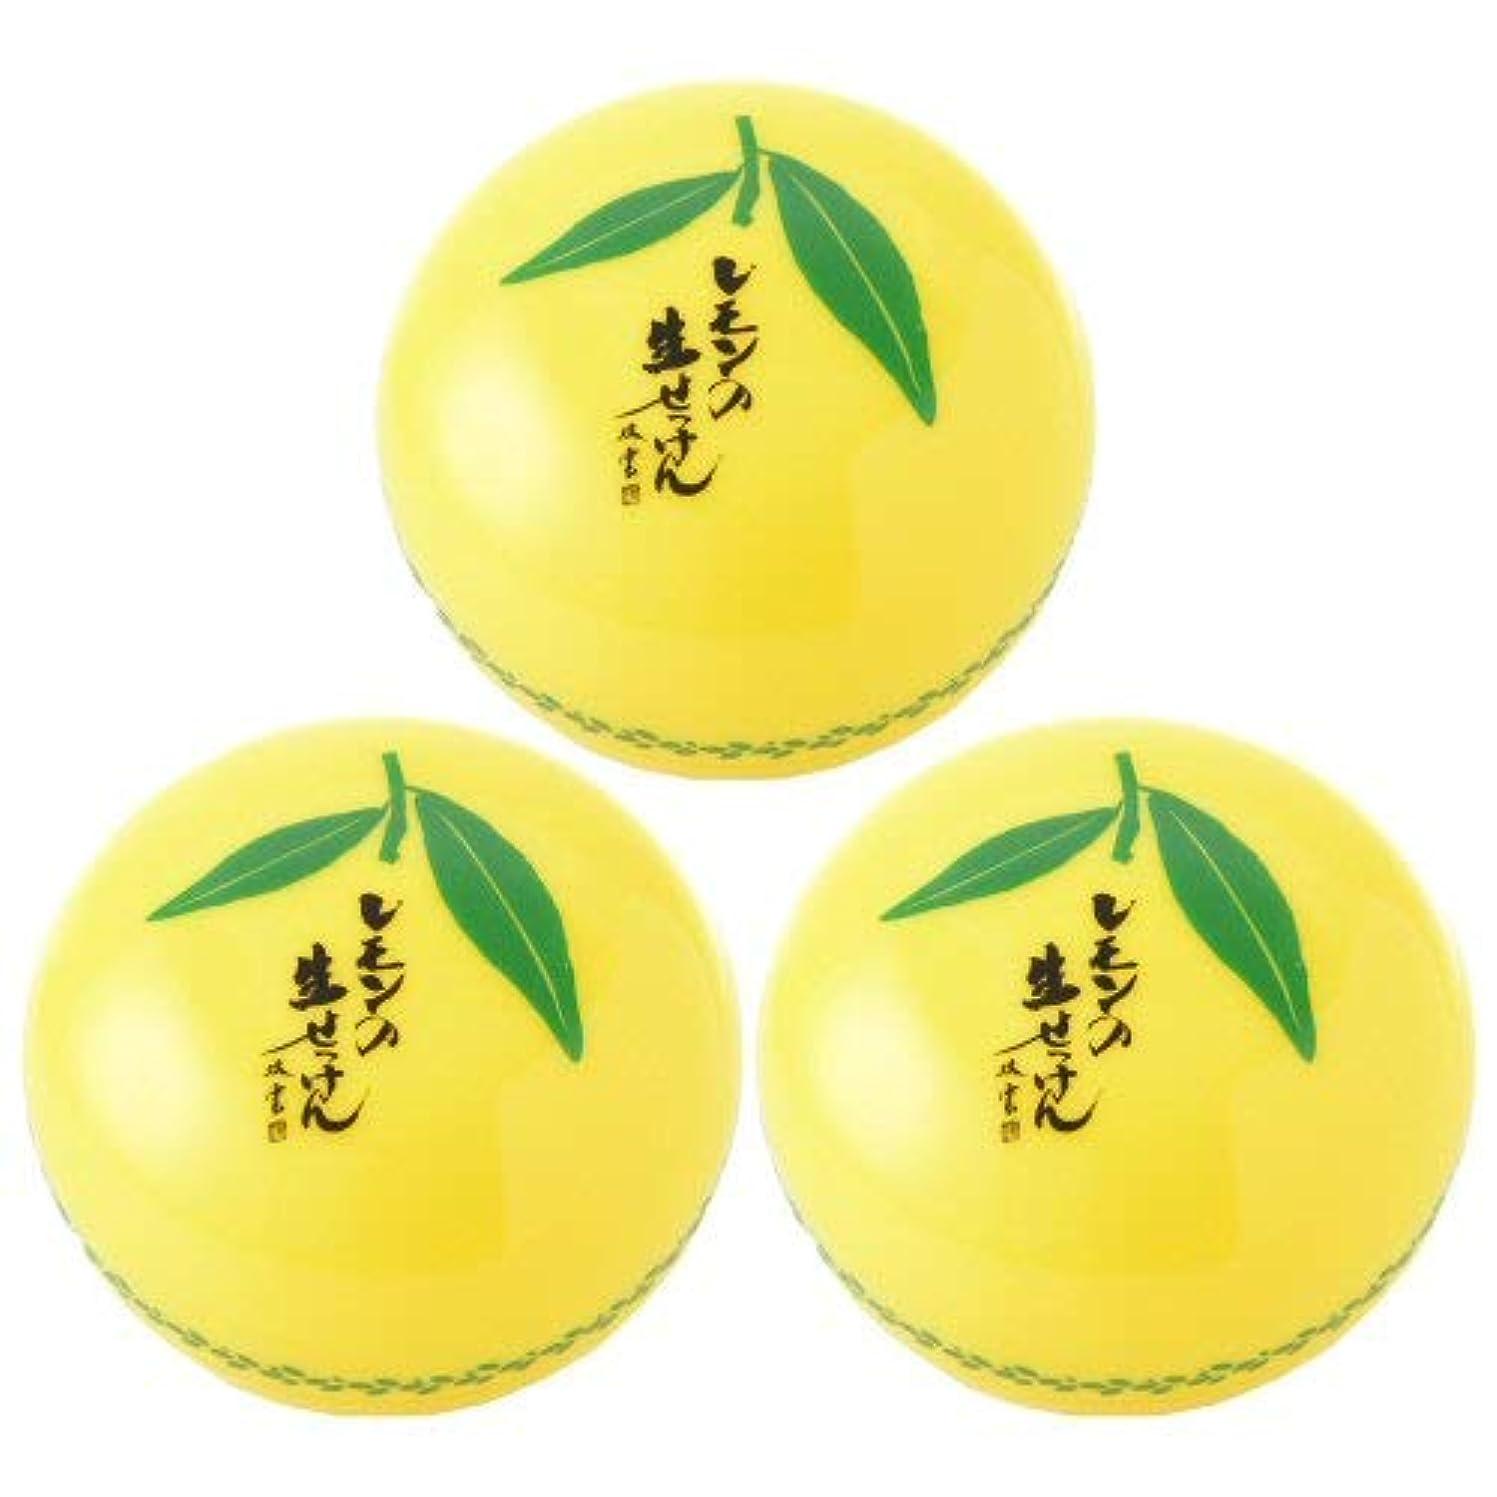 ハンマー陰謀記者UYEKI美香柑レモンの生せっけん120g×3個セット